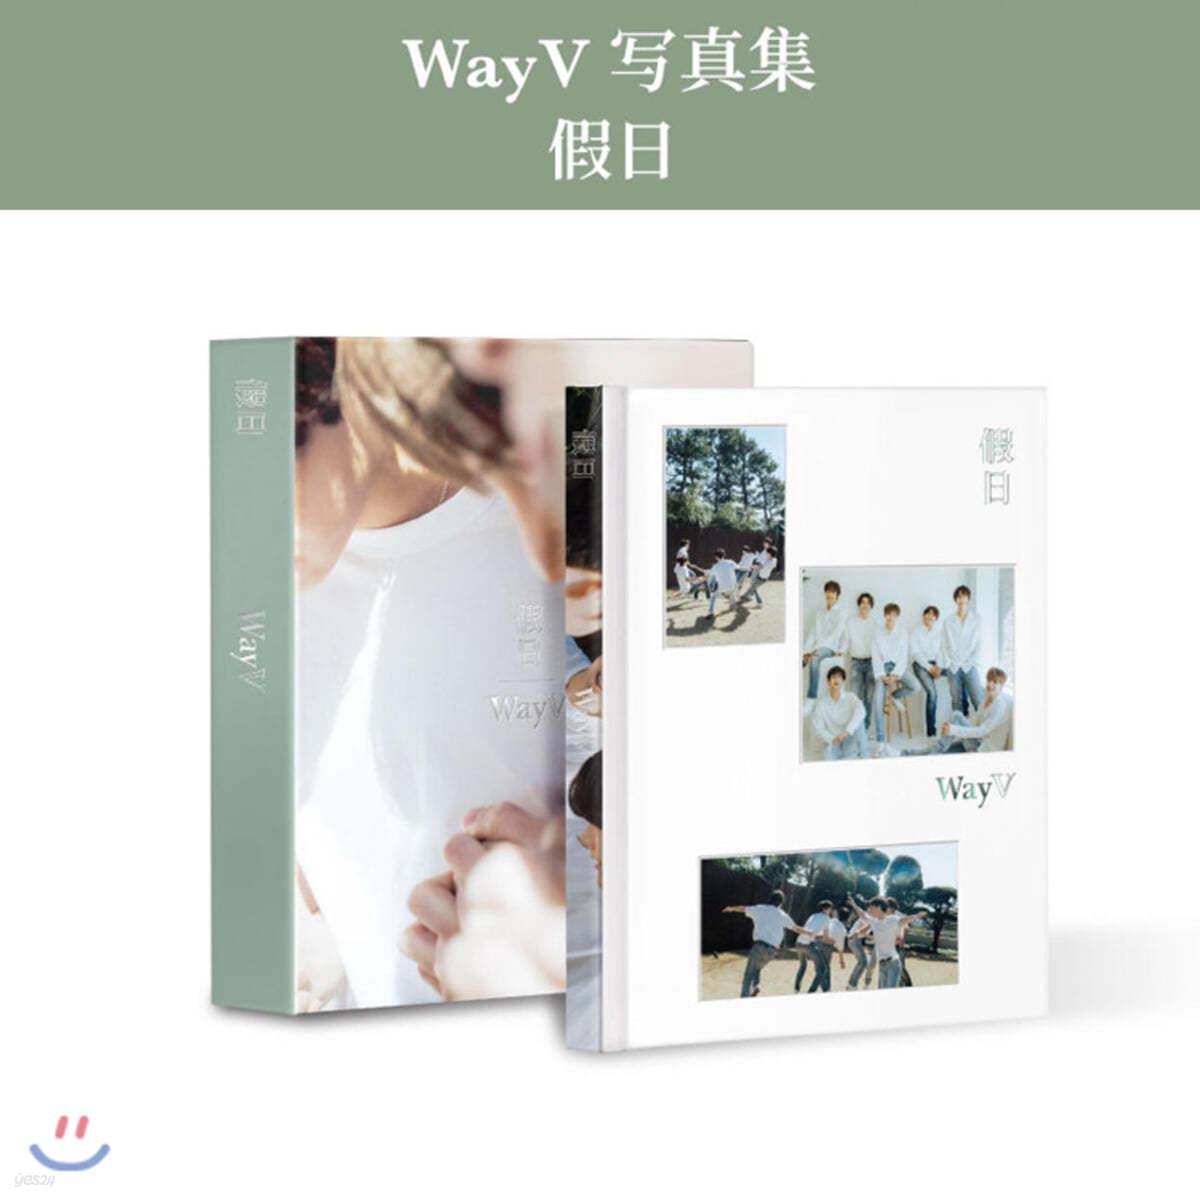 [중국판] WayV 웨이션V 사진집 : 휴일 (윈윈 ver.)